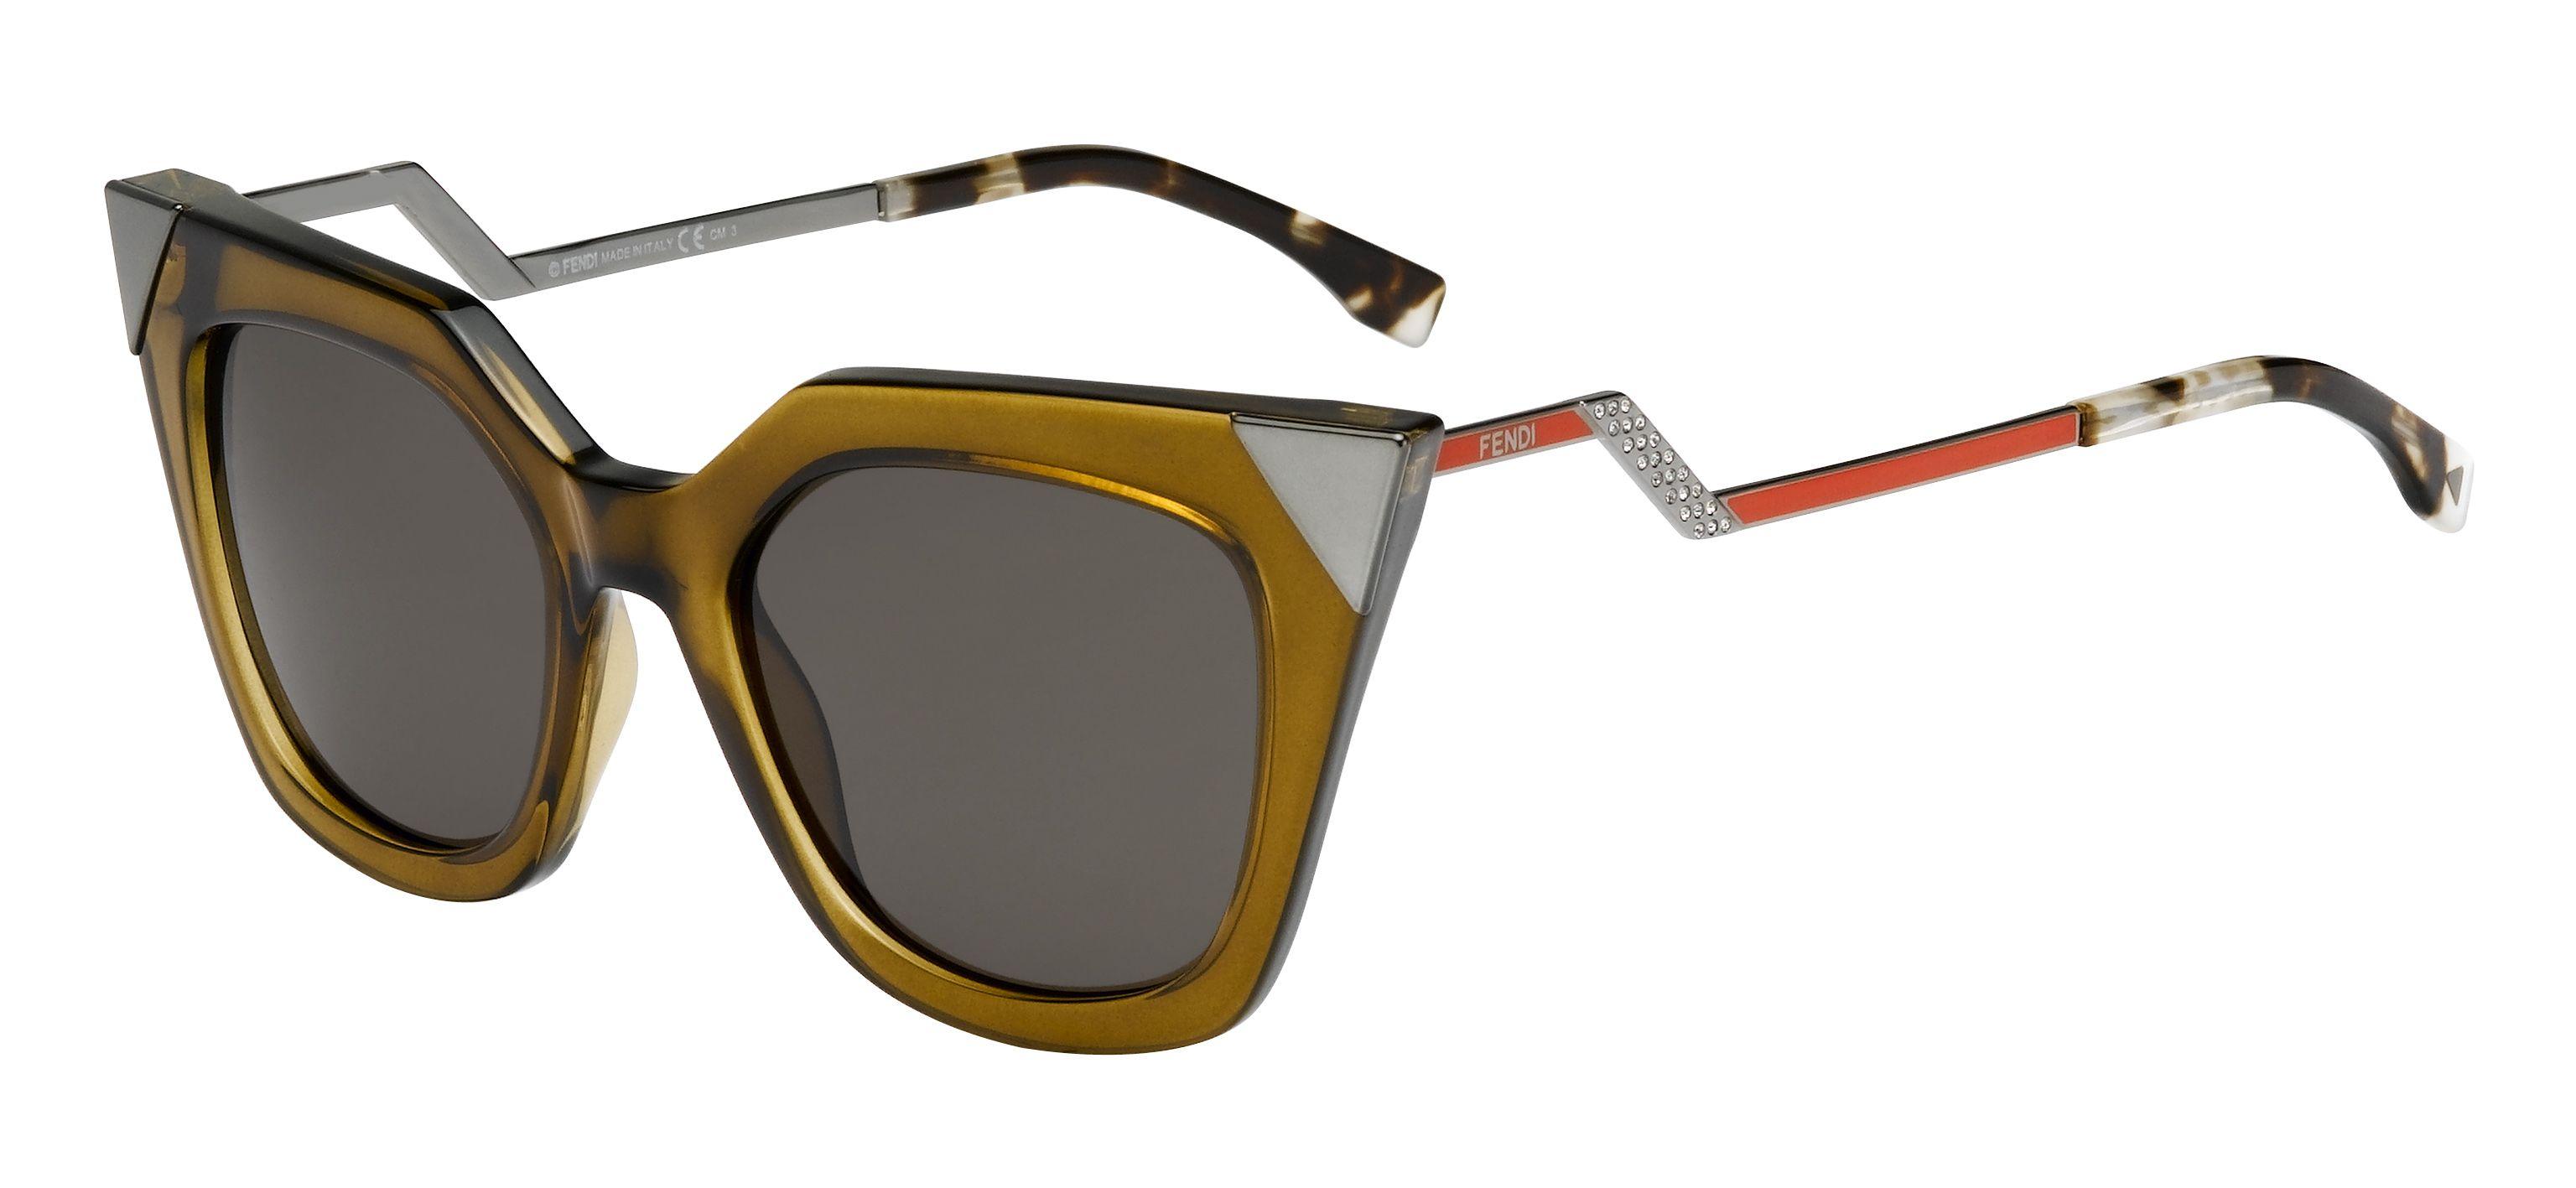 f310ced5203 The Fendi Fall Winter 2014-15 Iridia sunglasses